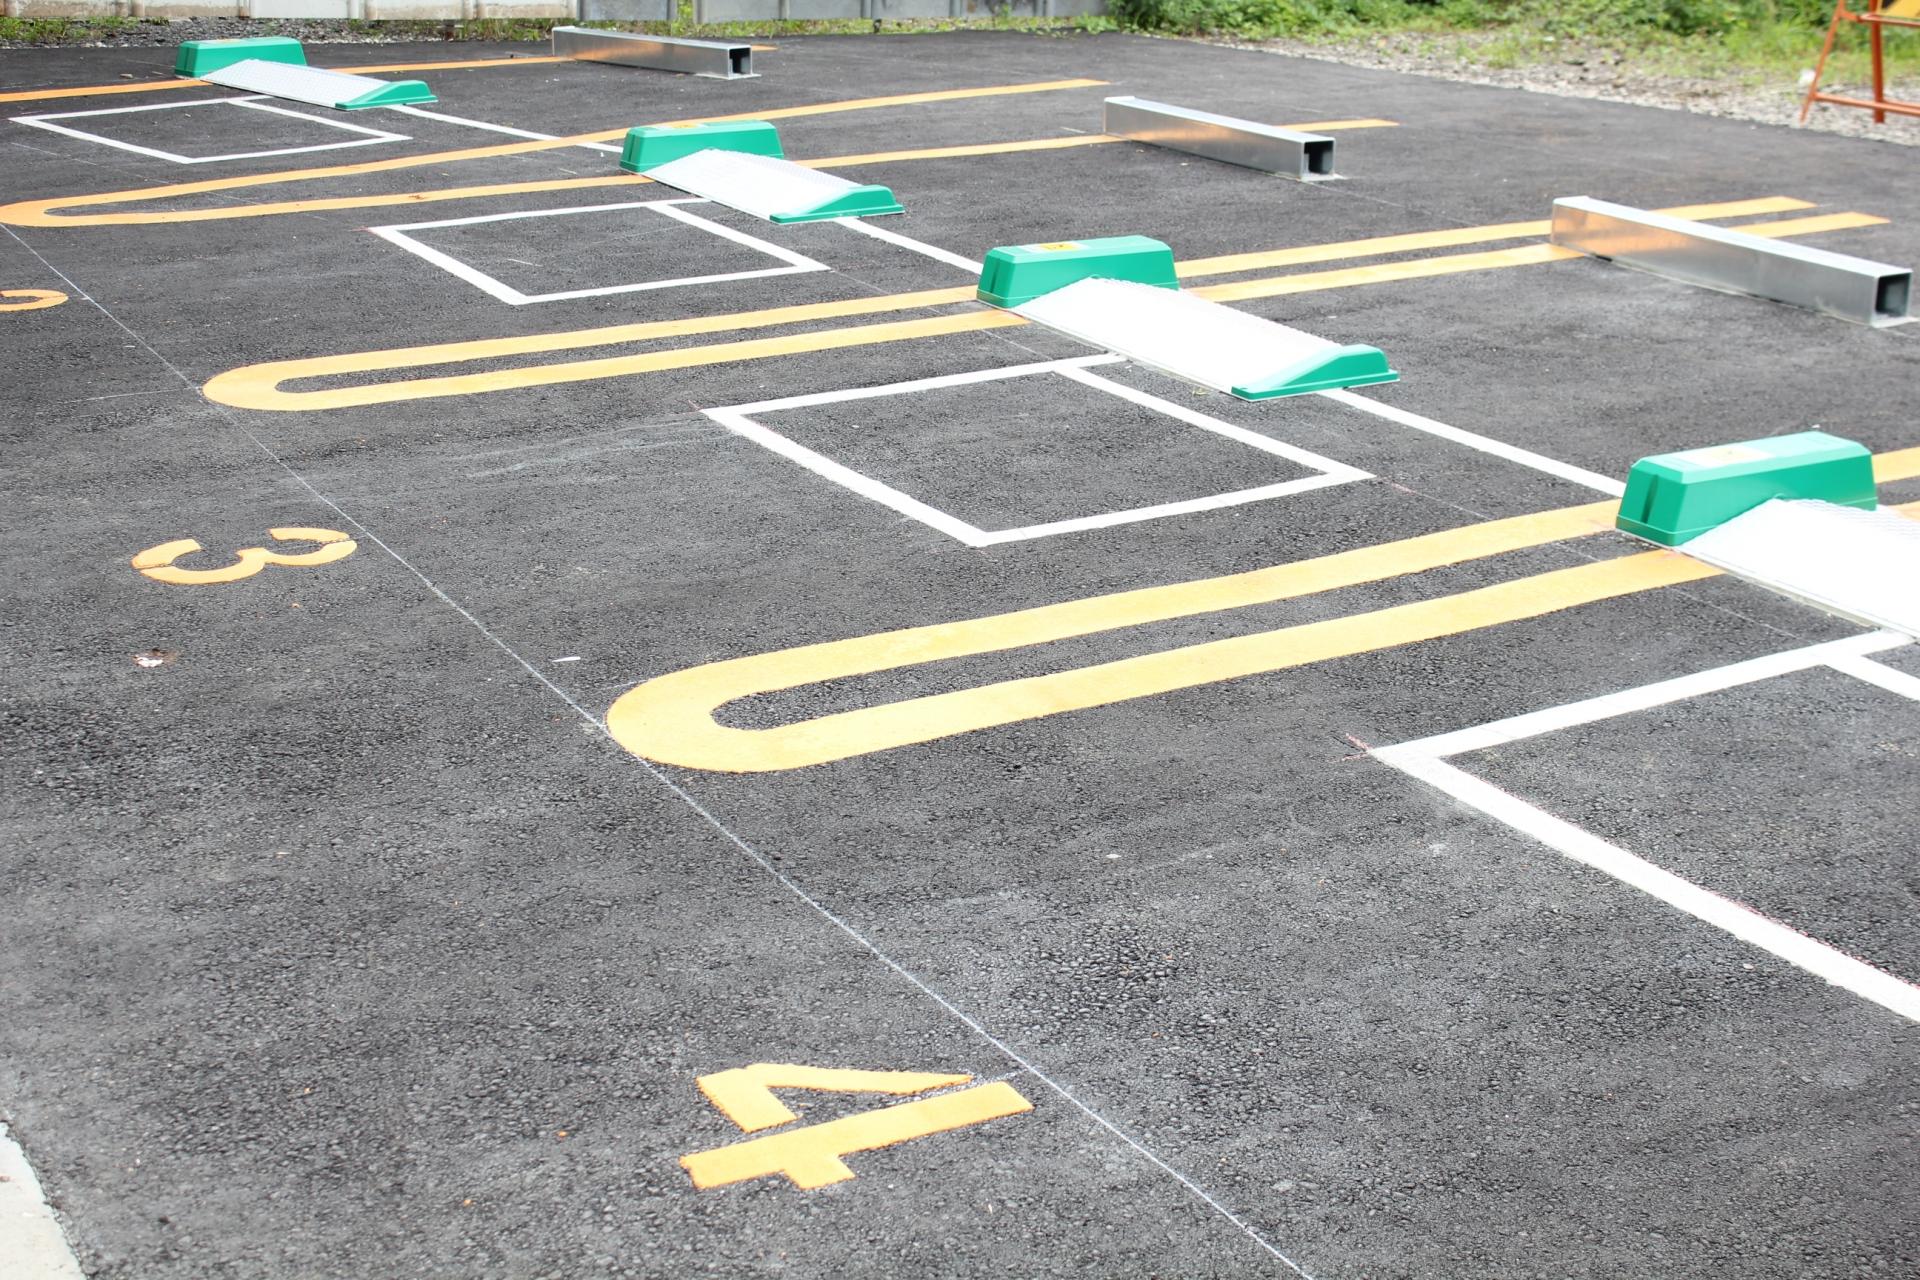 芝公園の駐車場で安いところは?最大料金や穴場などおすすめ情報をお届け!